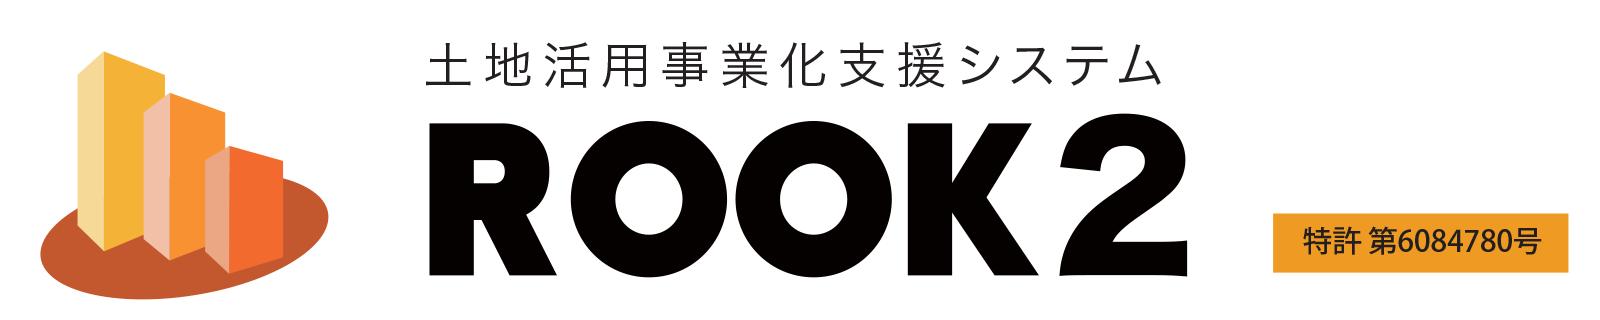 ROOK2